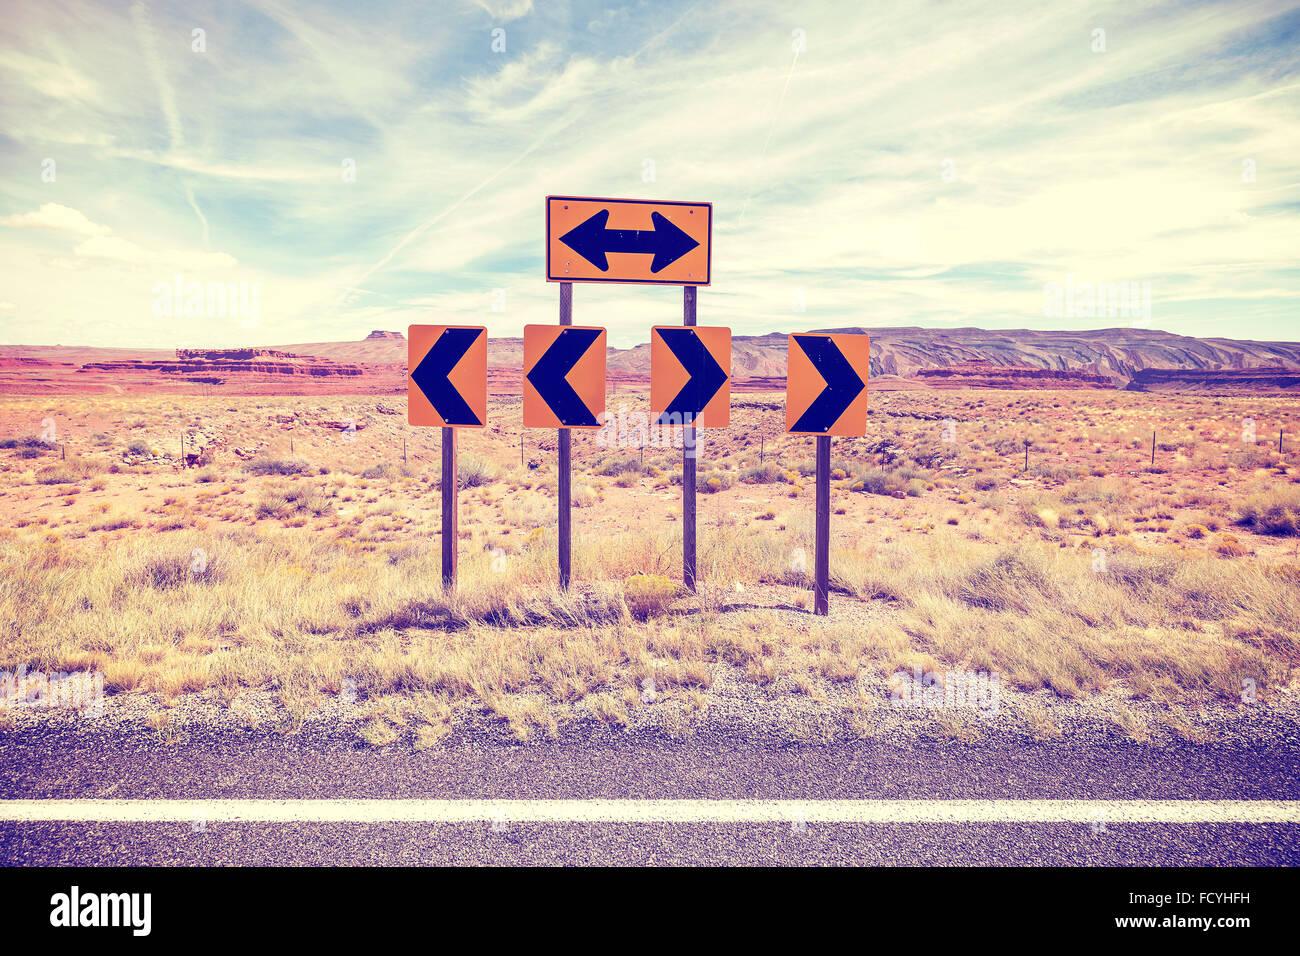 Vintage foto stilizzata della segnaletica stradale e la scelta del concetto. Immagini Stock